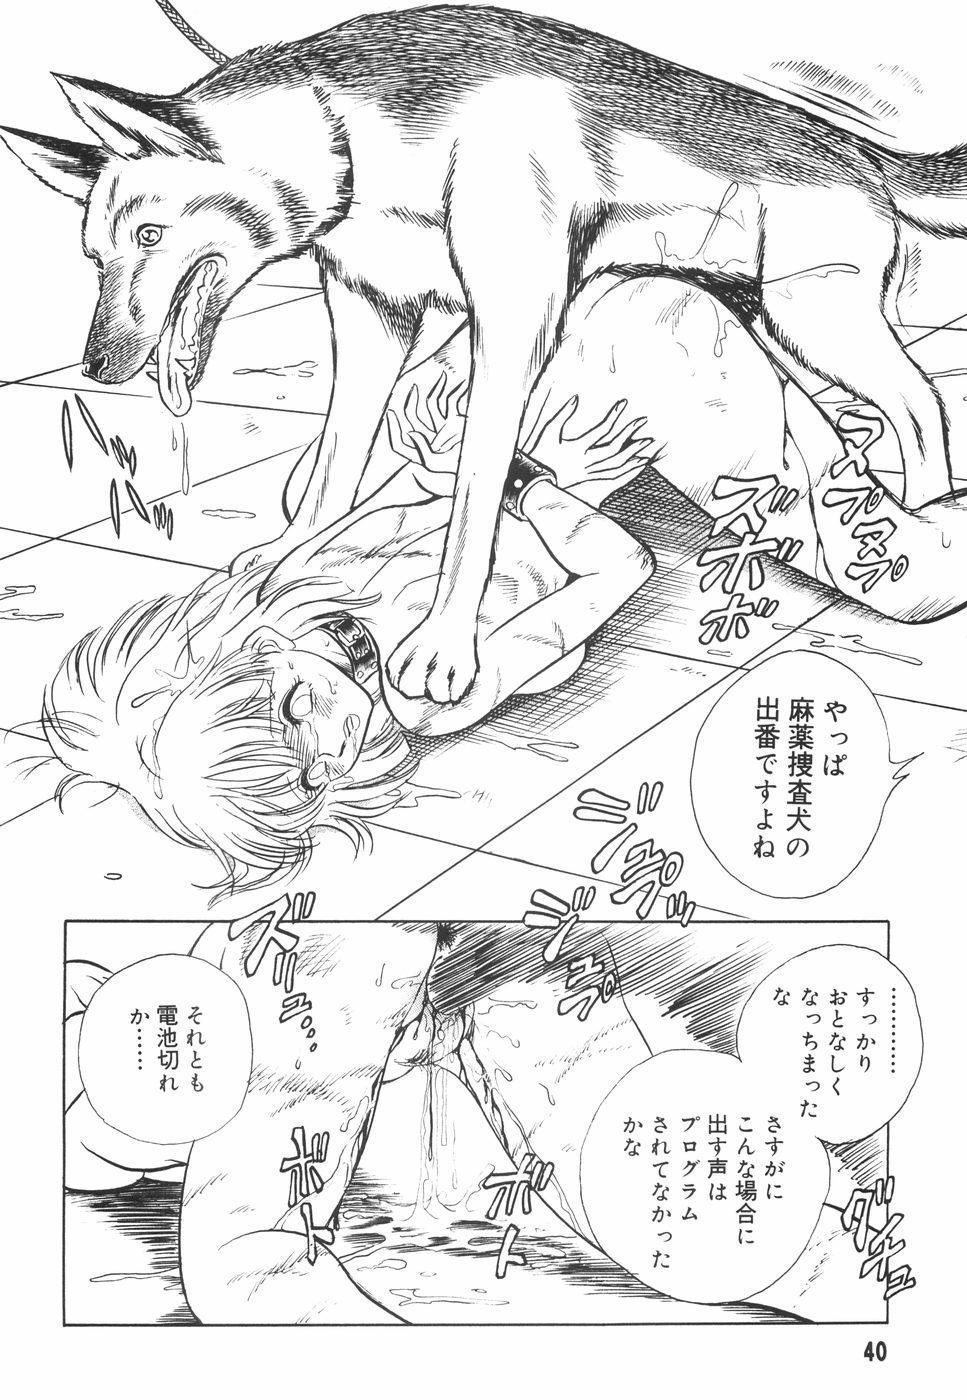 Hazukashime no Jikan 40